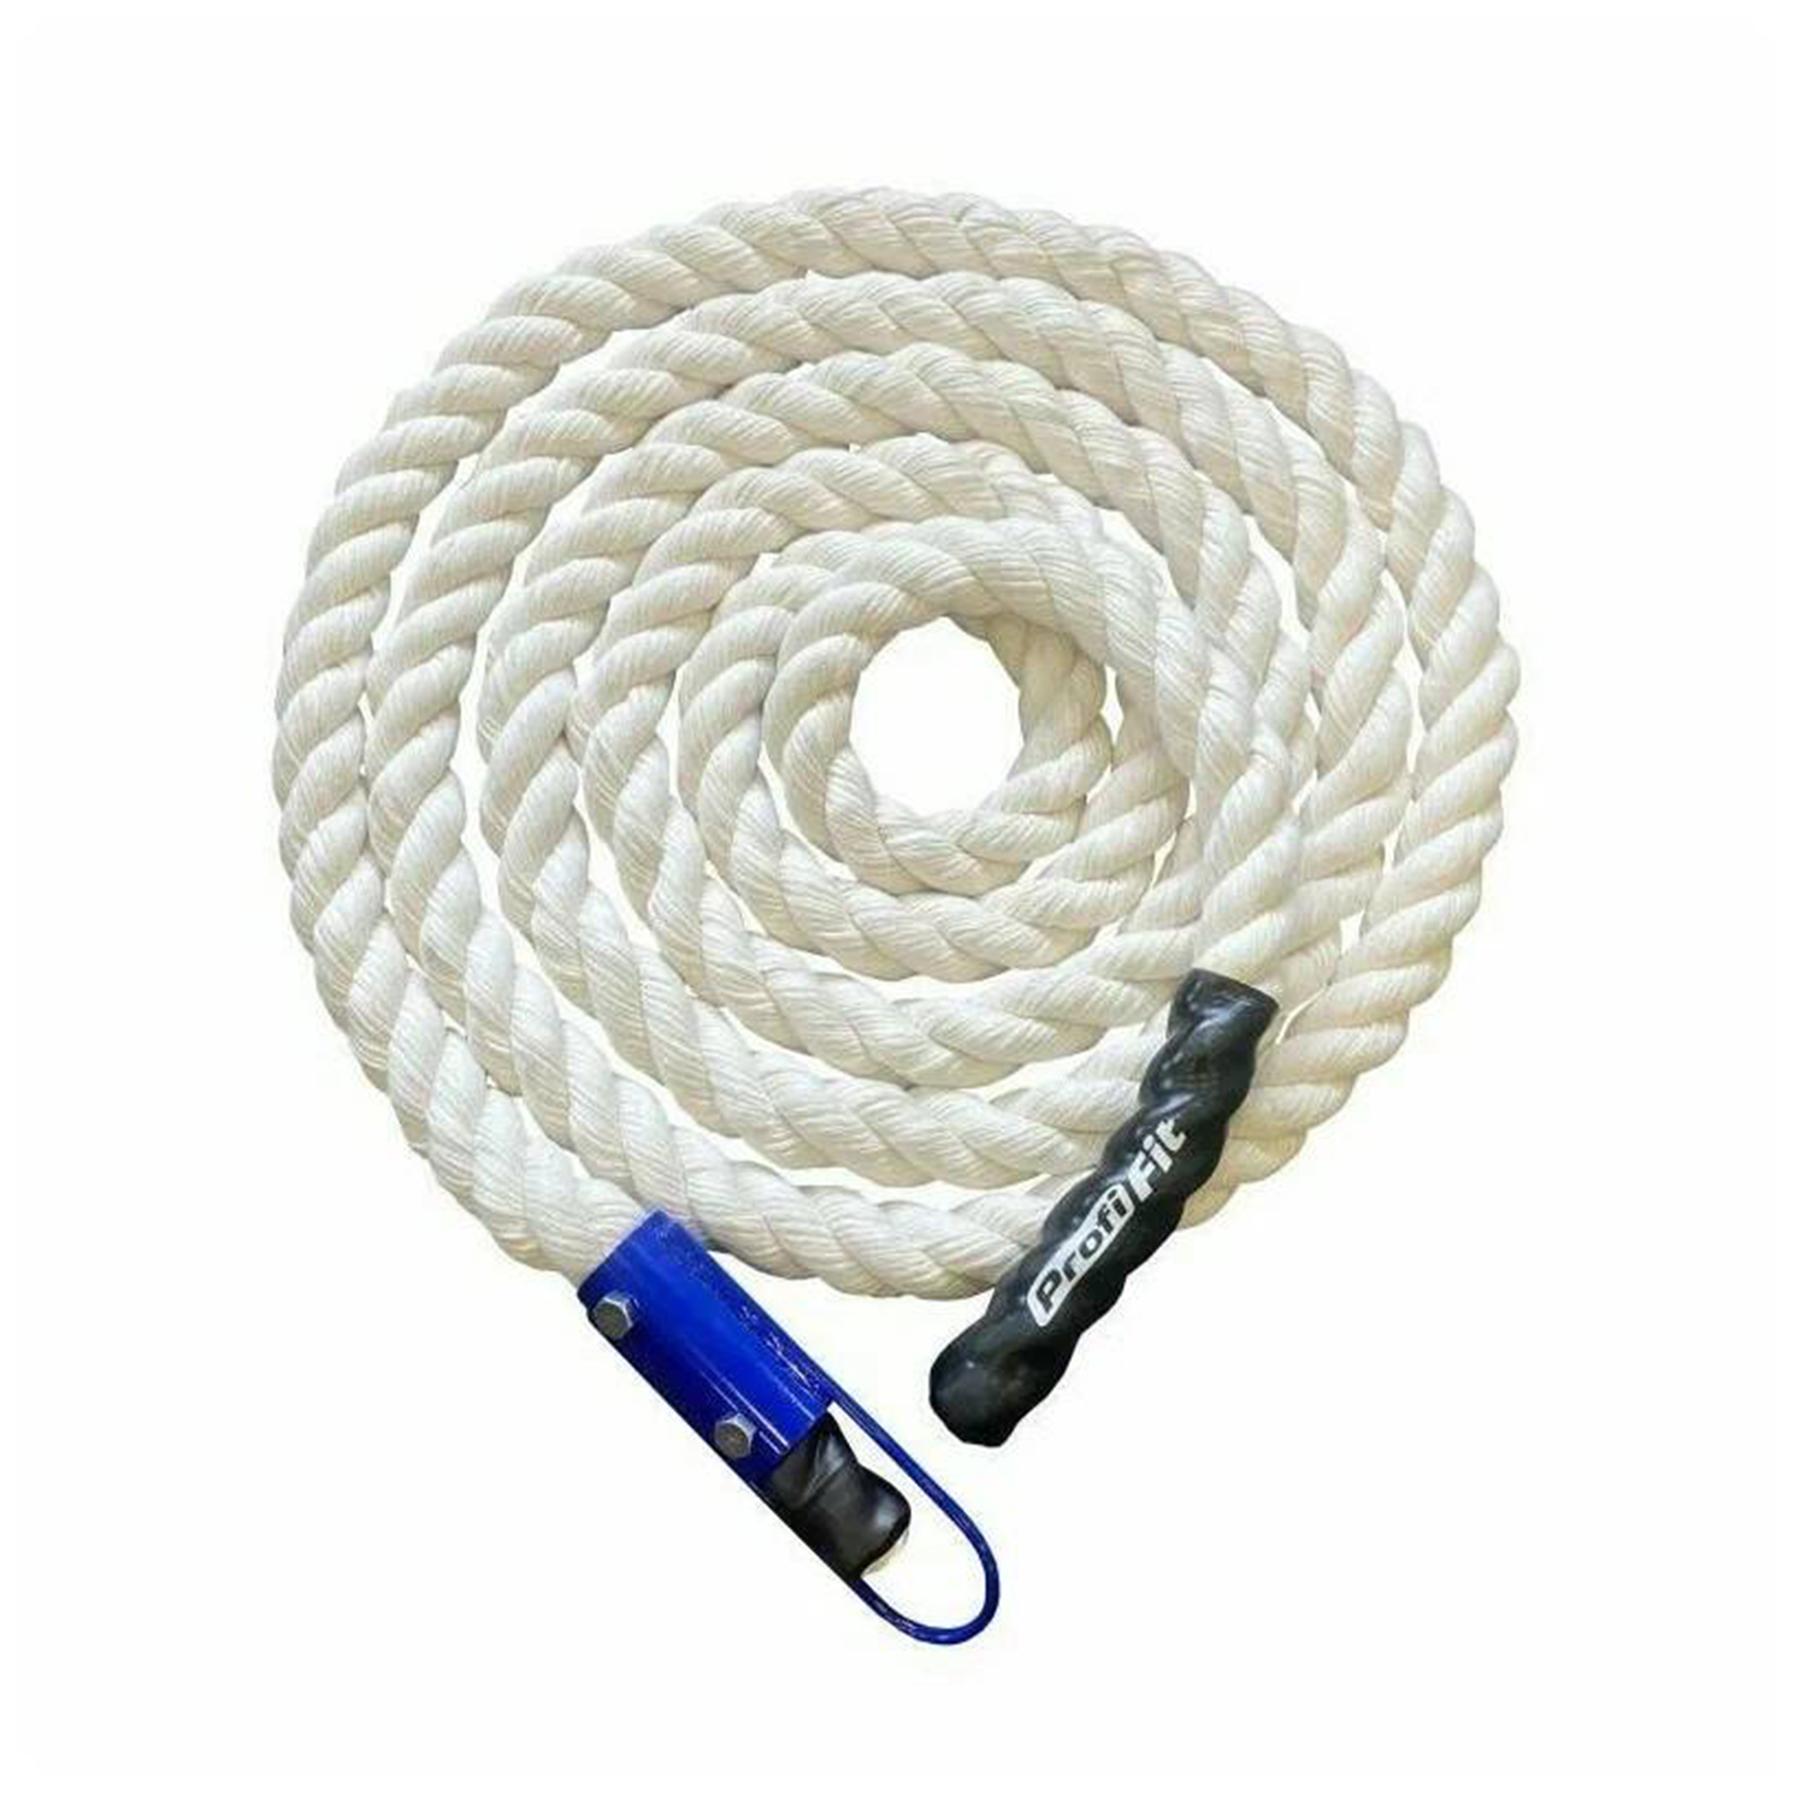 Канат х/б 3м d=30мм с крепежным стаканом и крюком